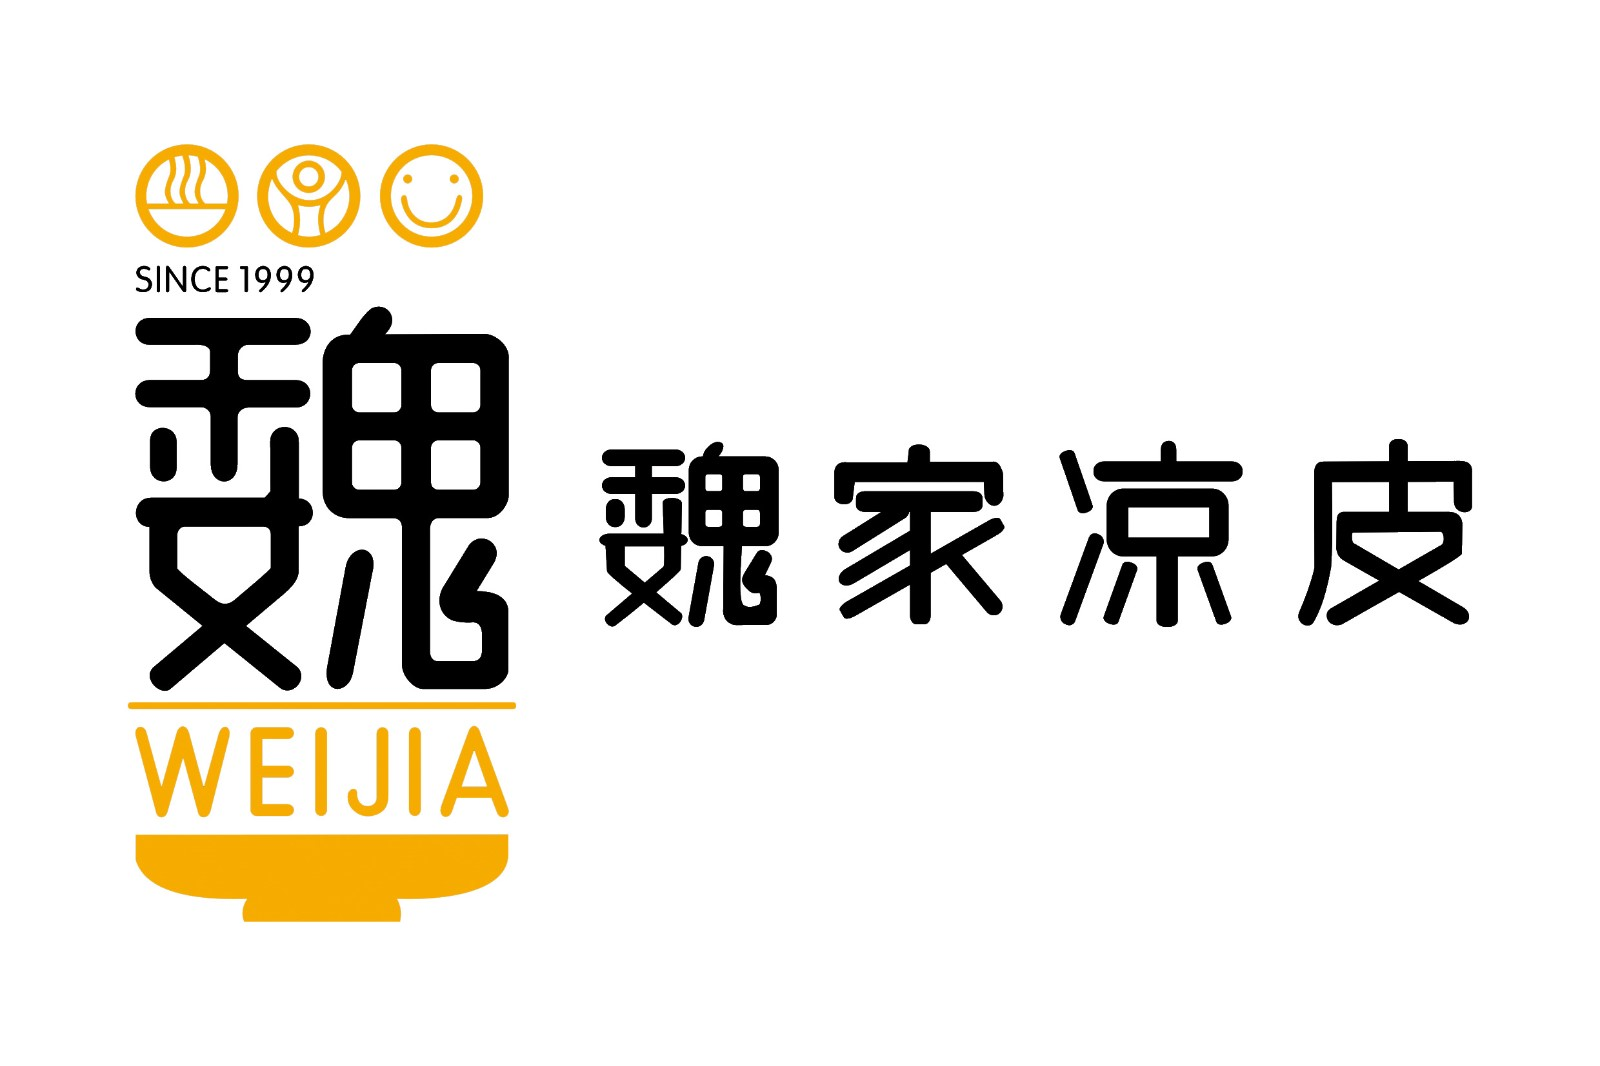 司机_郑州华荣魏家餐饮管理咨询有限公司招聘信息